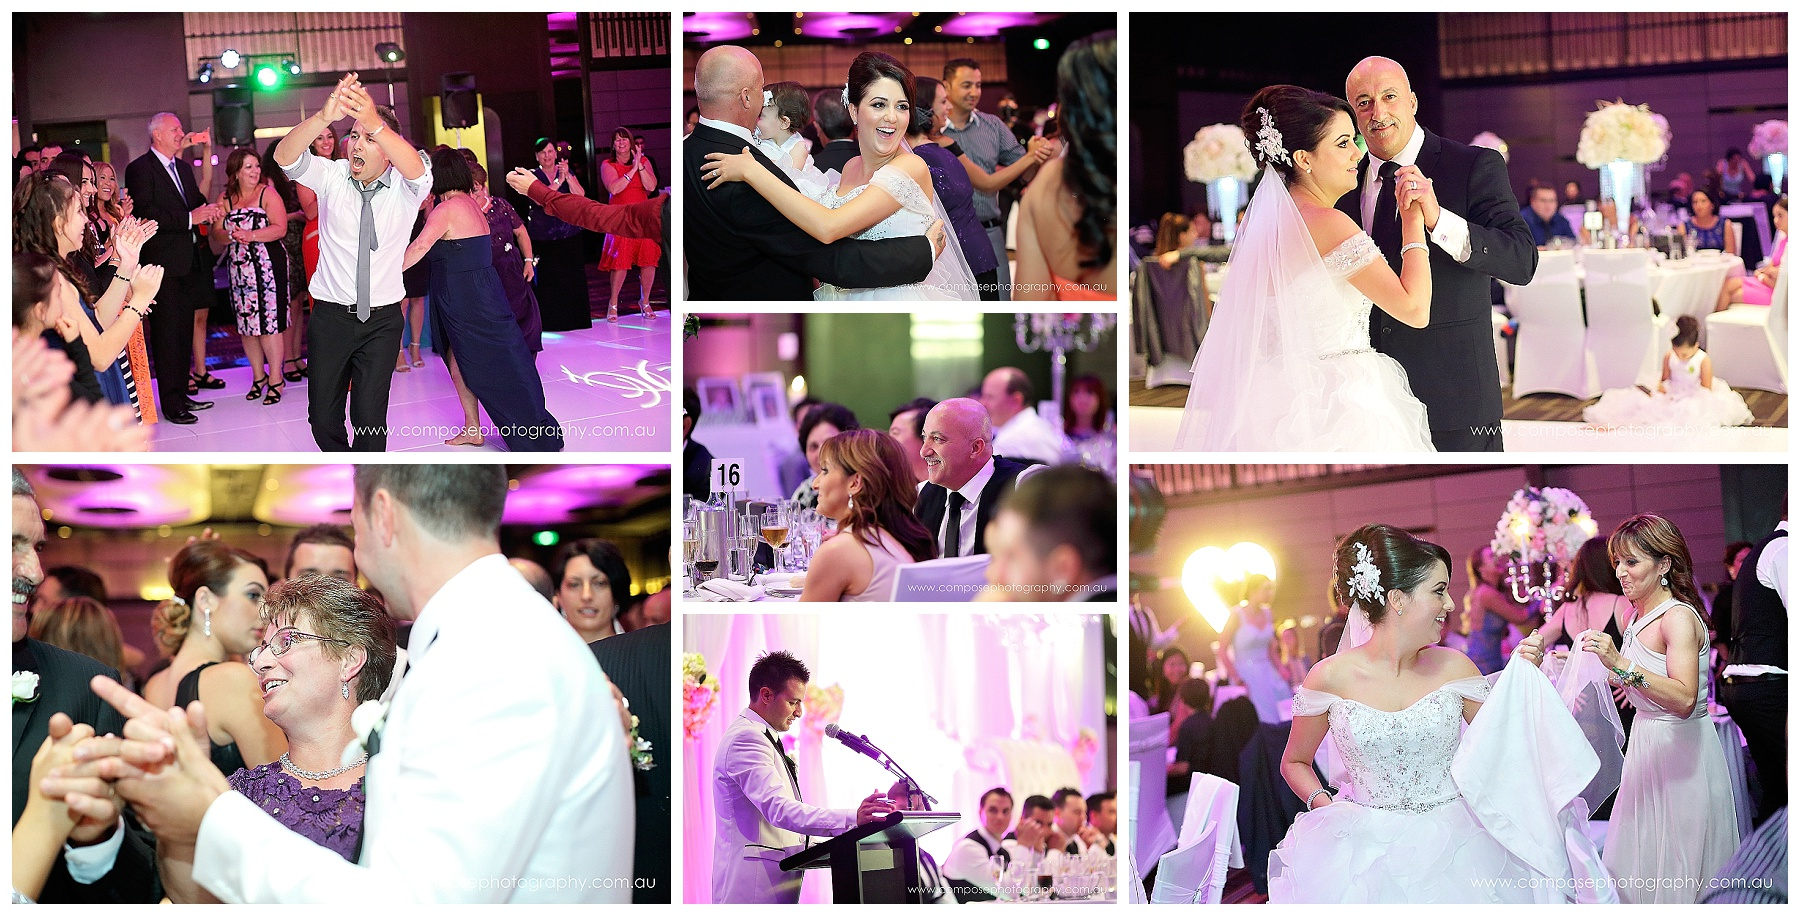 WEDstyle wedding